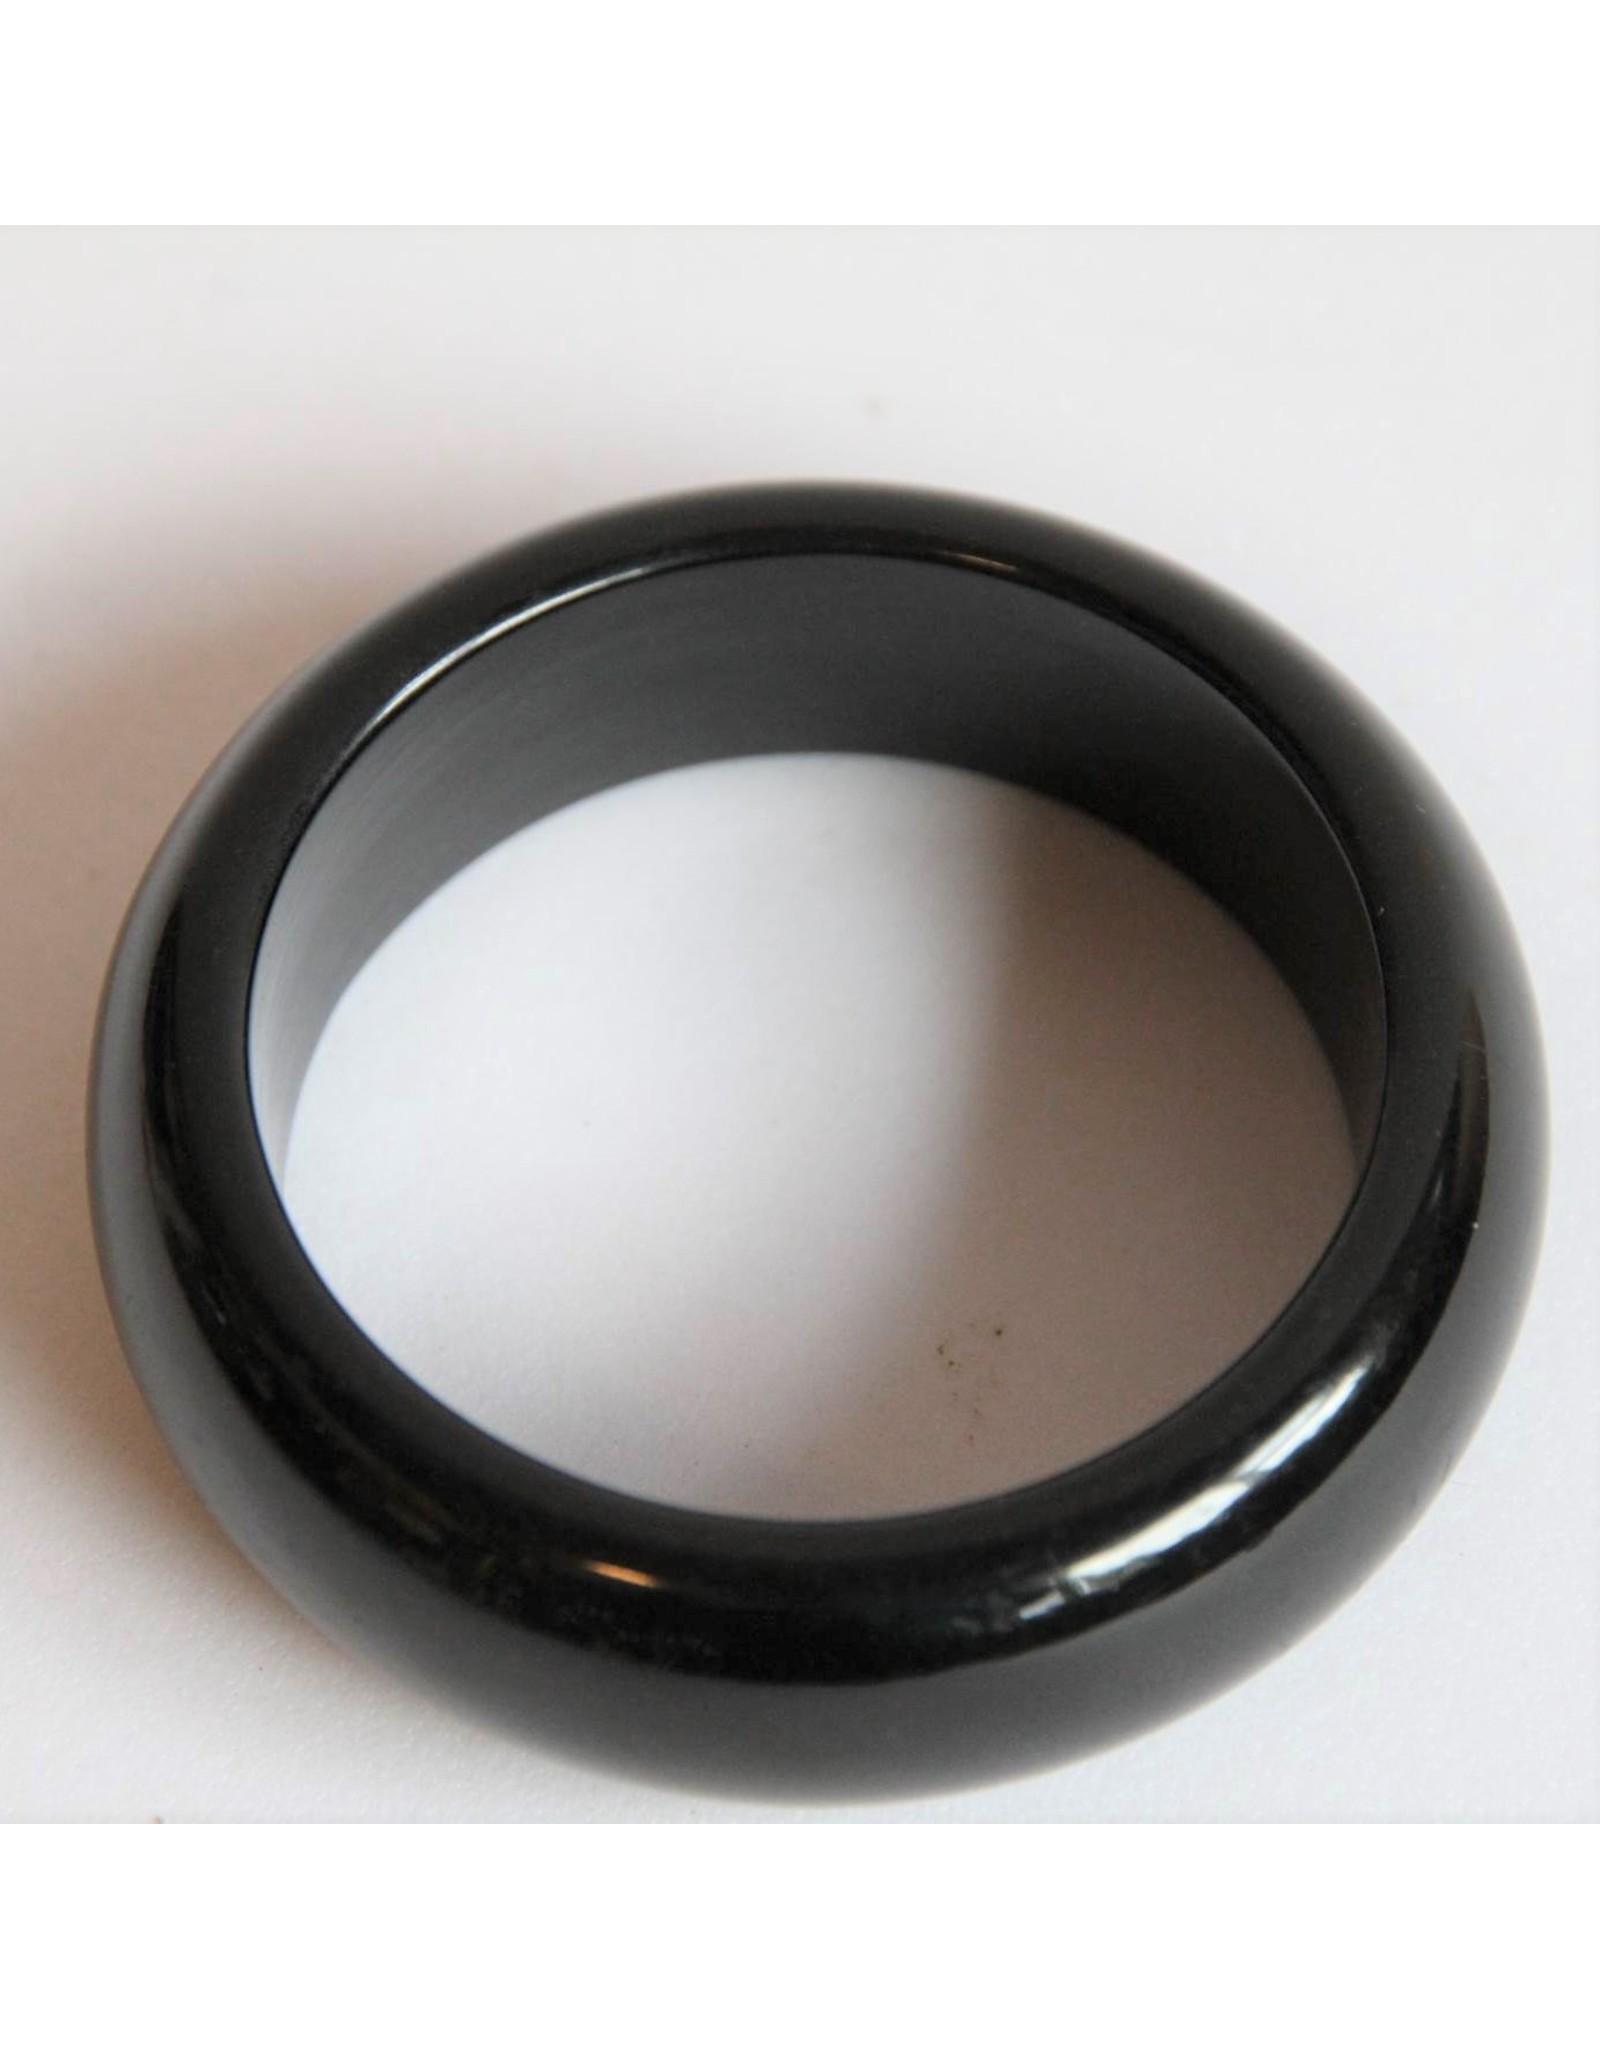 Bracelet - Bakelite bangle